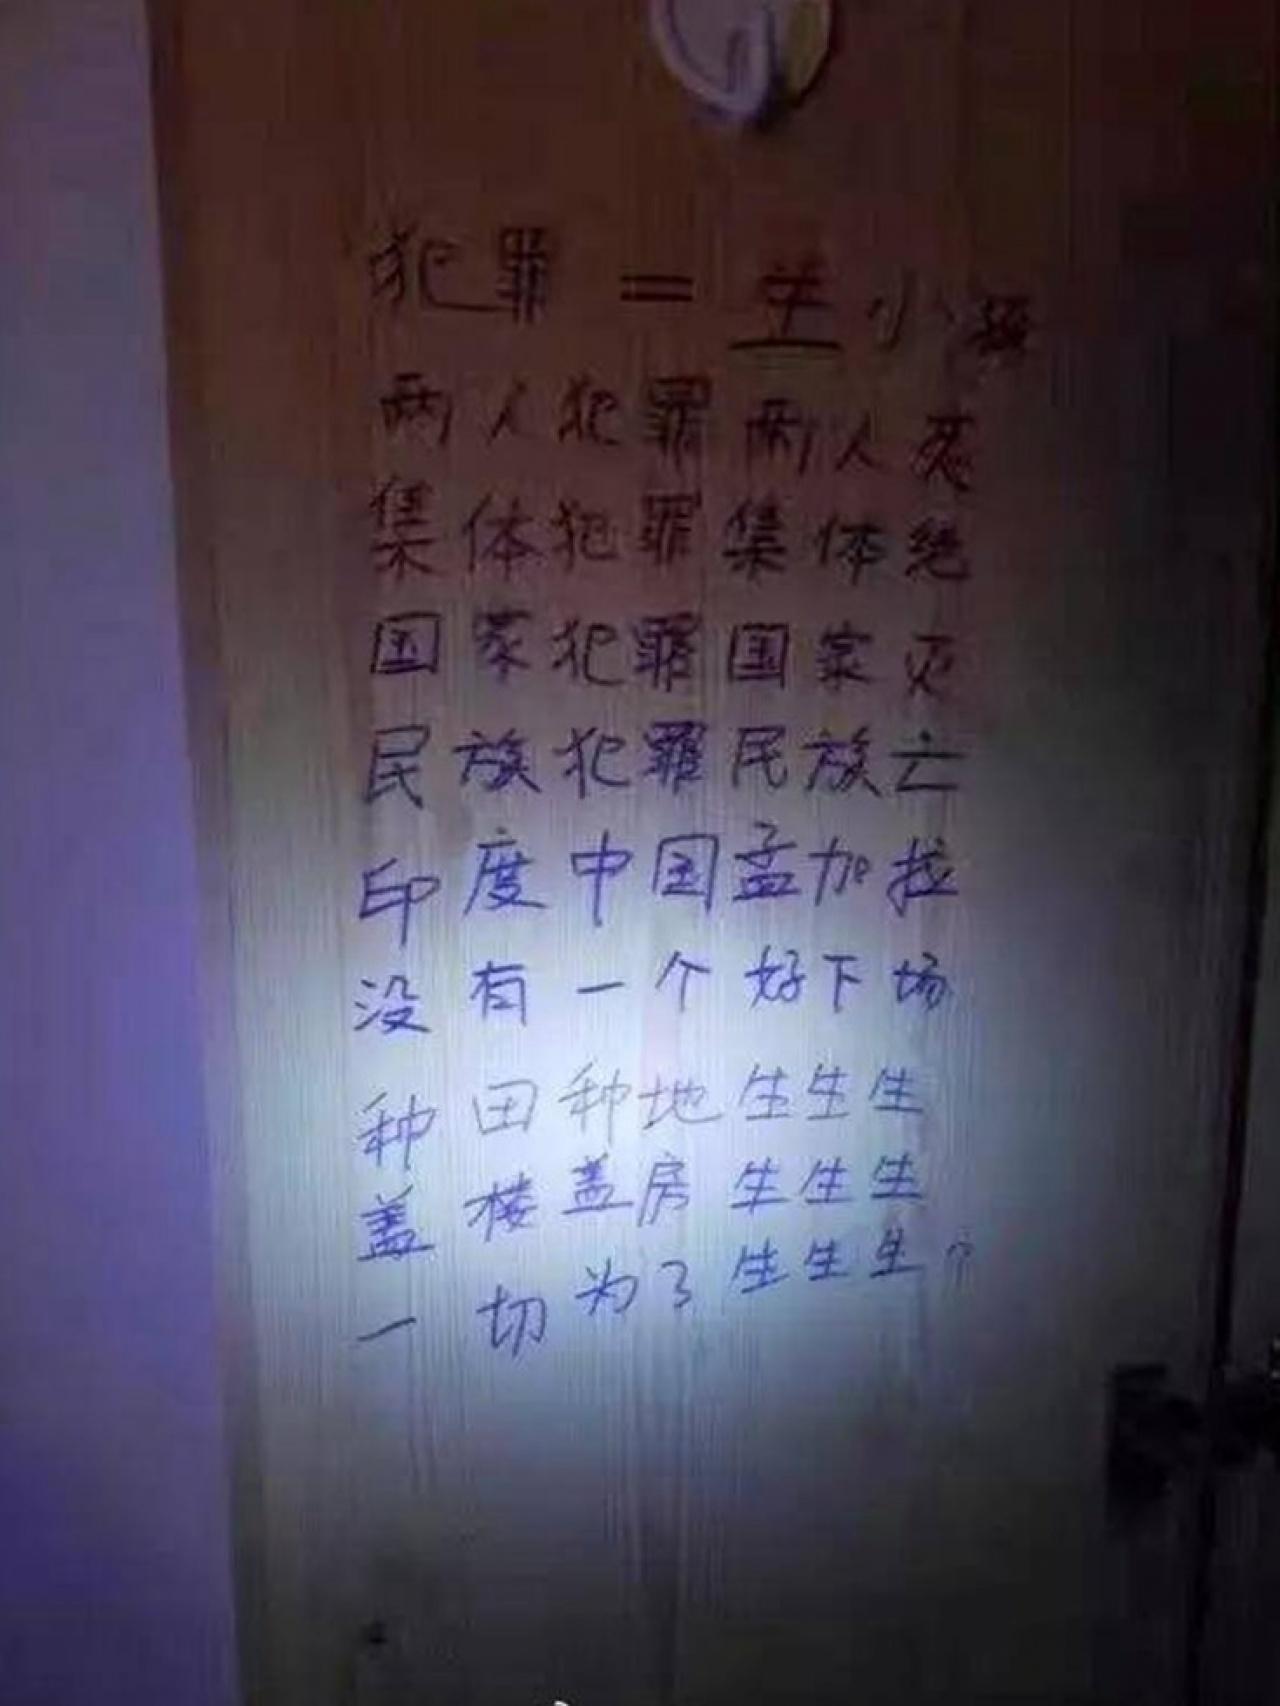 【河蟹档案】徐州网警:「一切以官方通告为准」